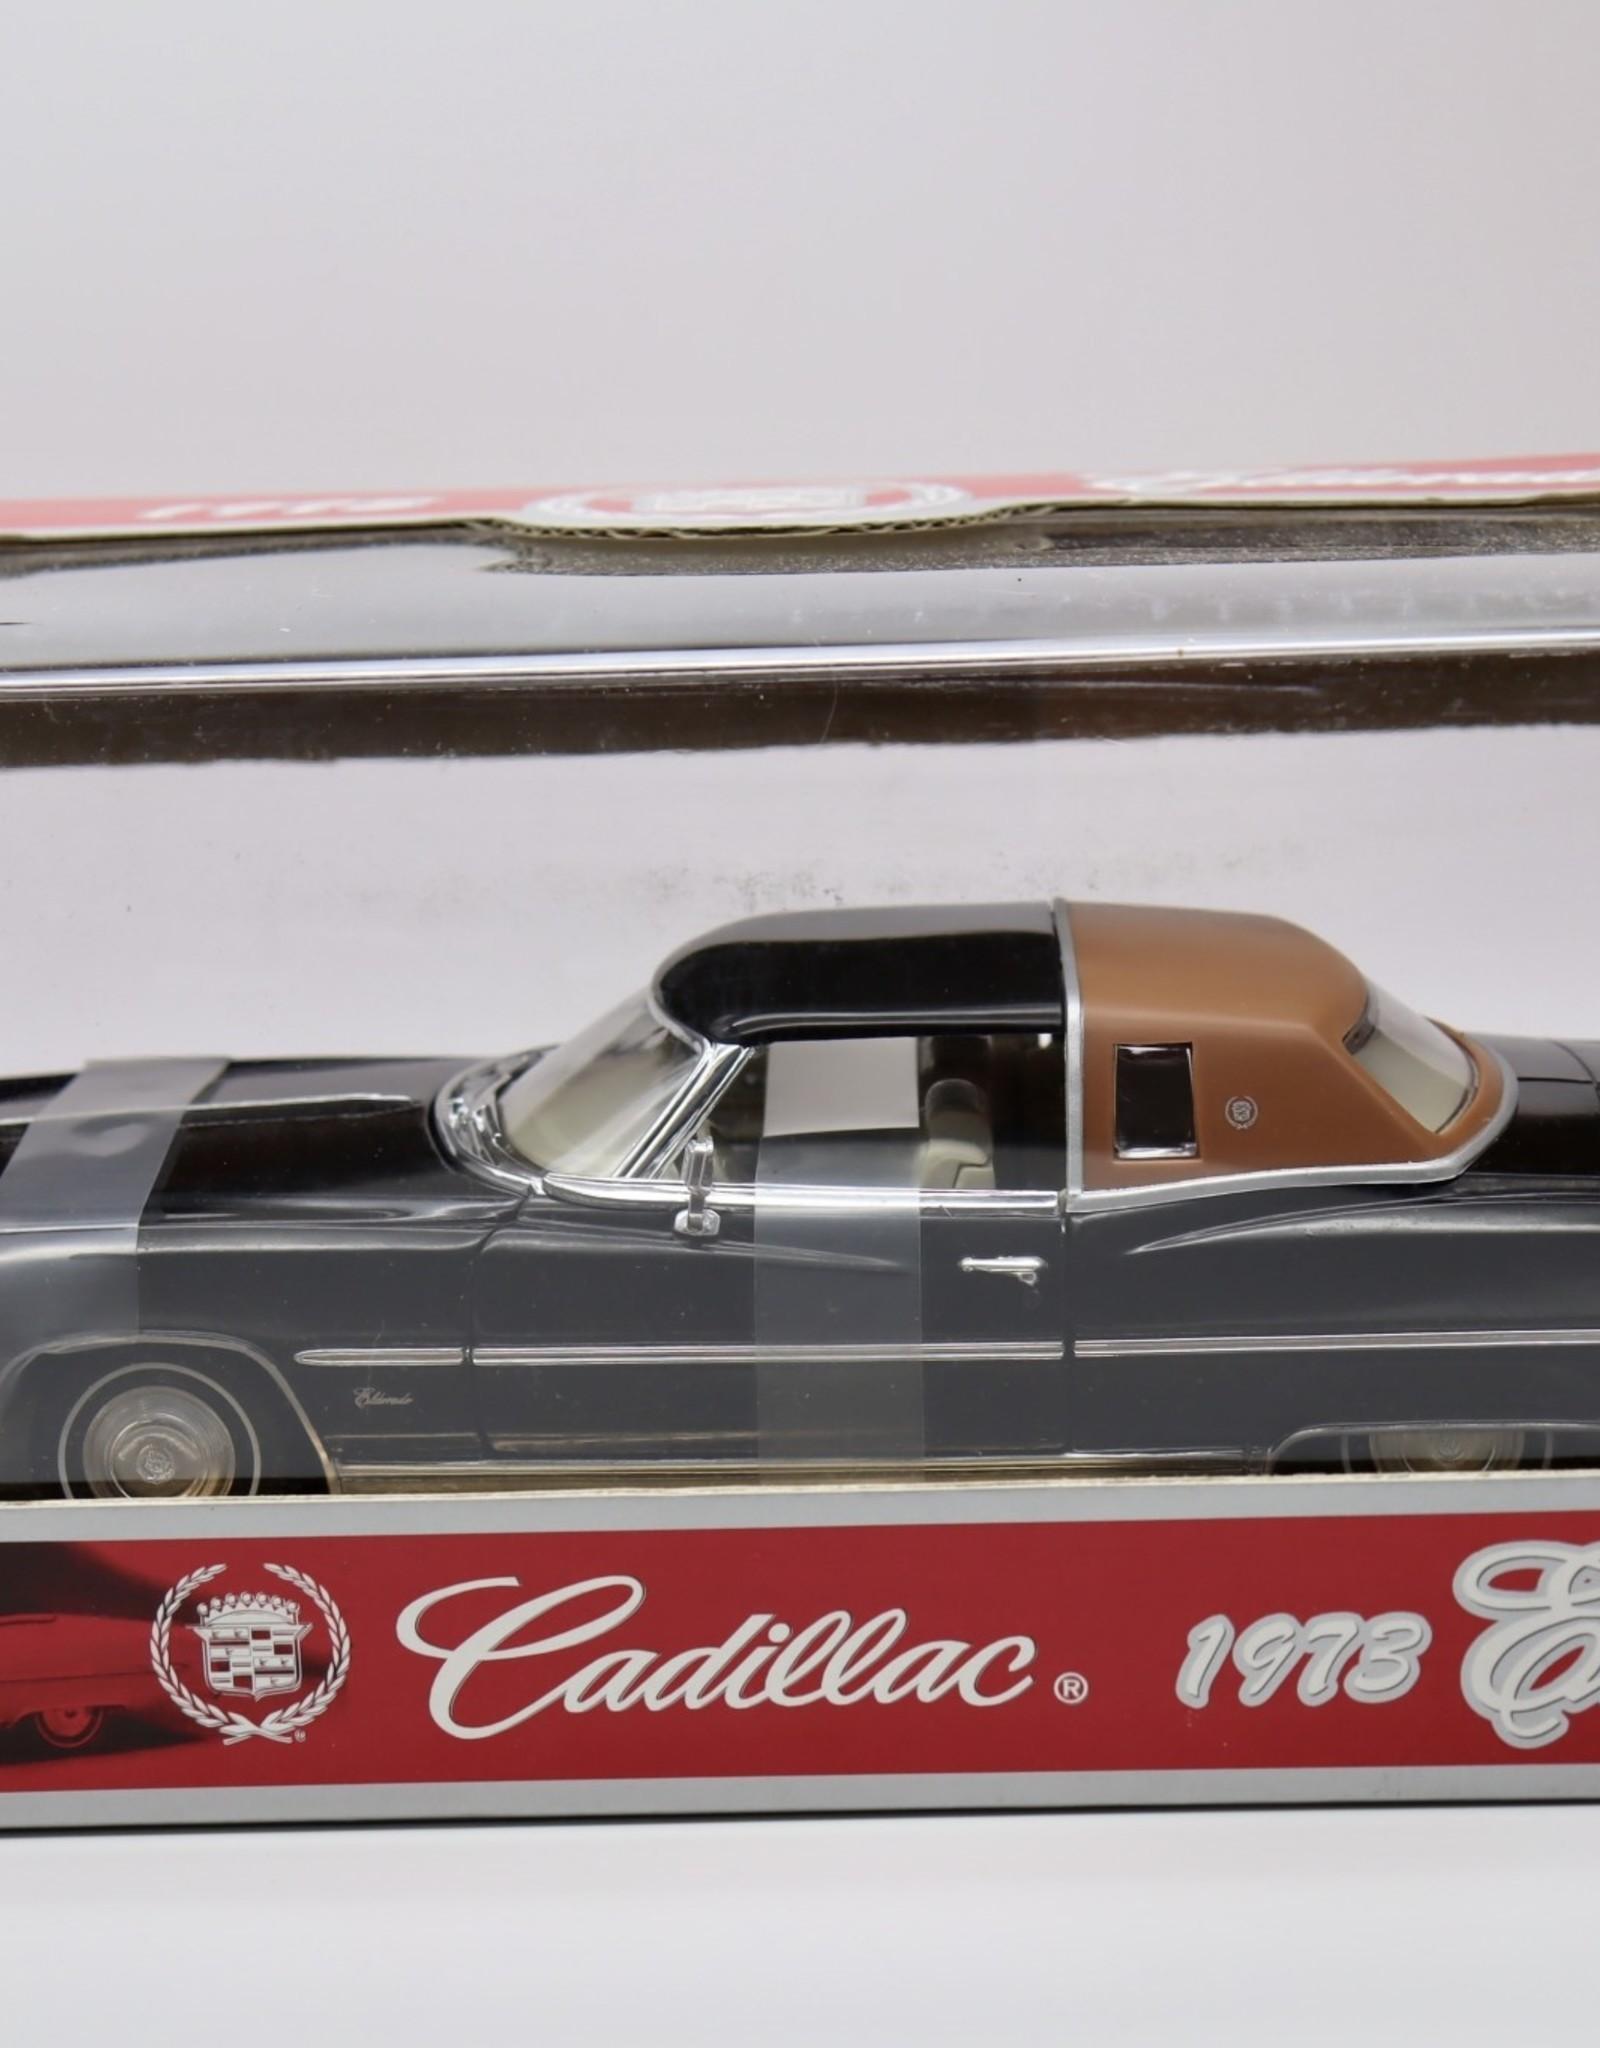 1973 Cadillac Eldorado - C82